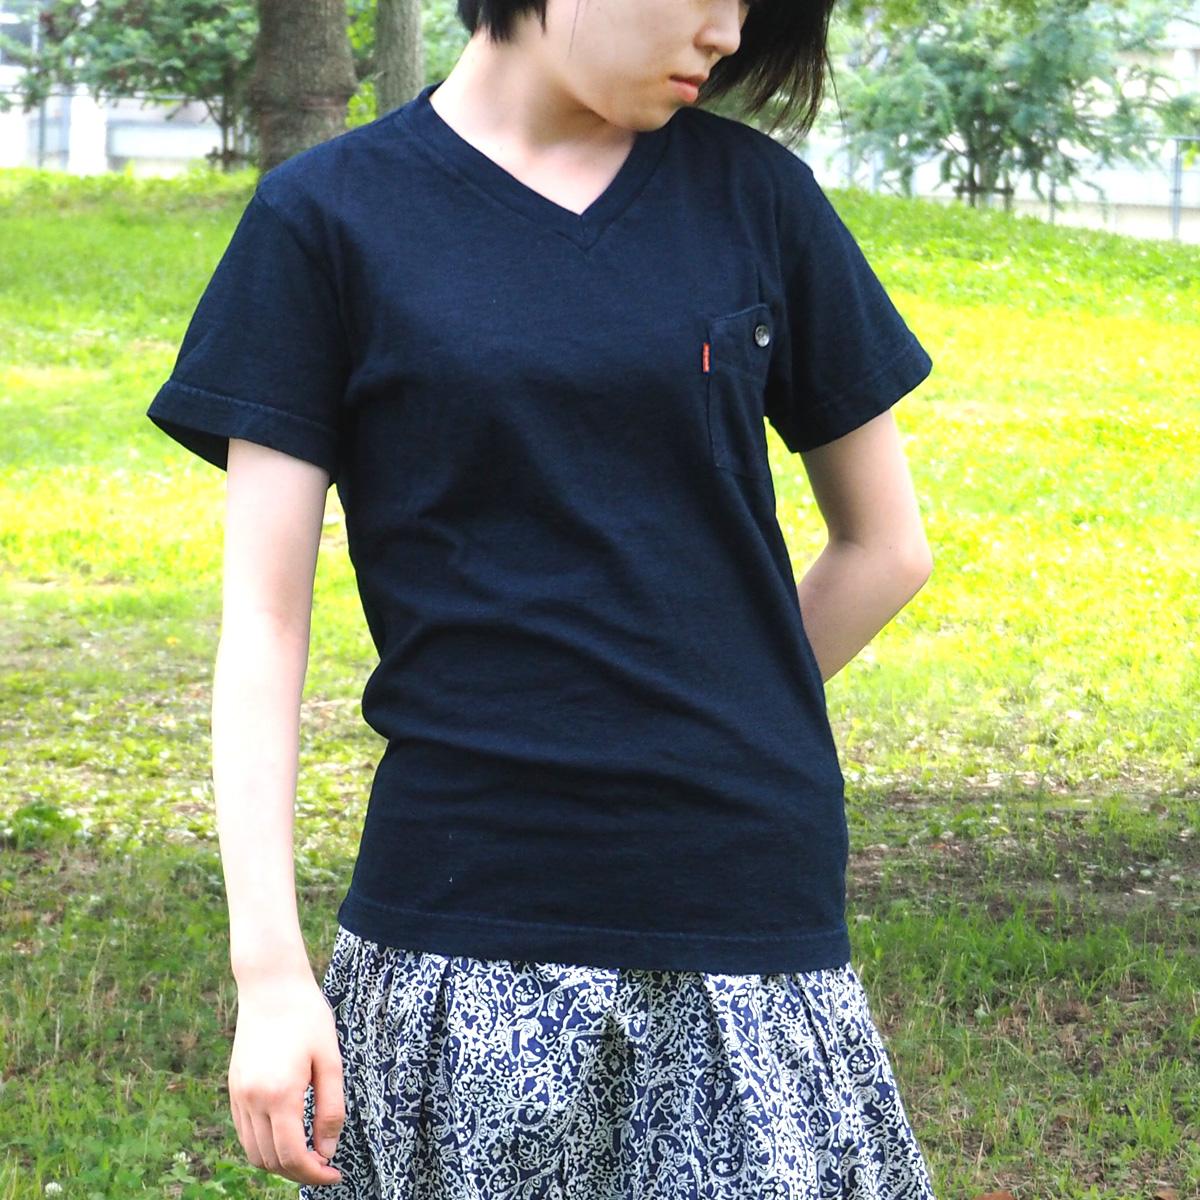 graphzero(グラフゼロ) インディゴロープ染色 山ポケット VネックTシャツ レディース [GZ-IDTV-0104-LADIES]